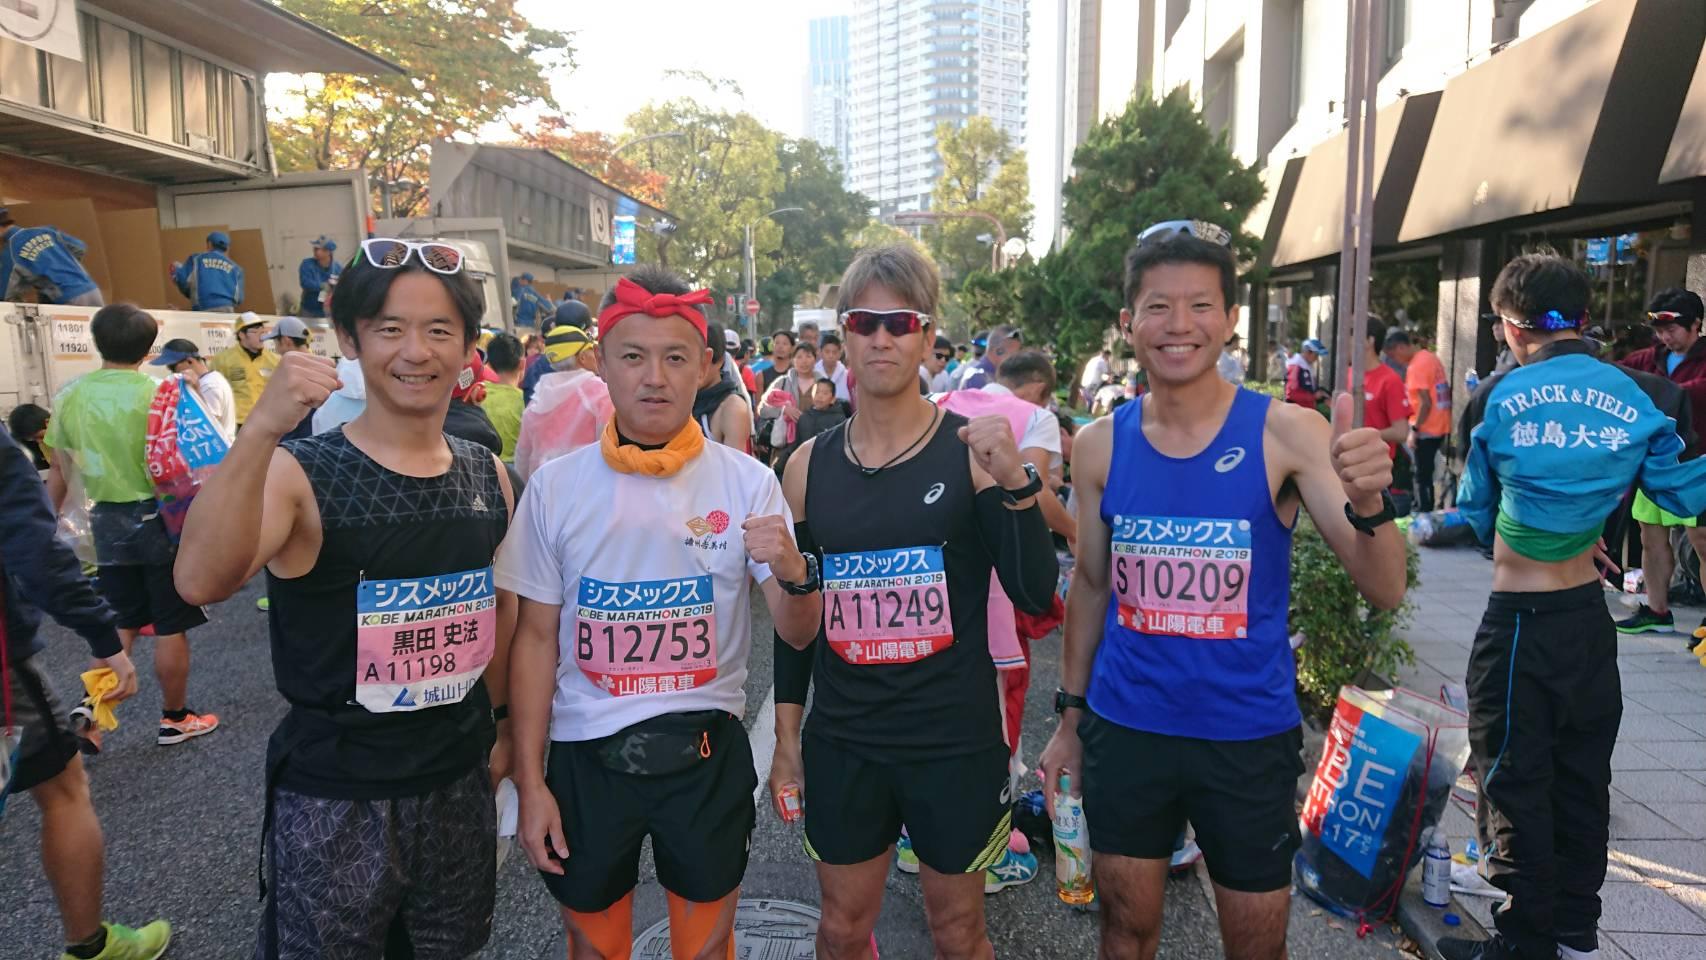 神戸マラソン2019 kurさん tak-sさん oguさん